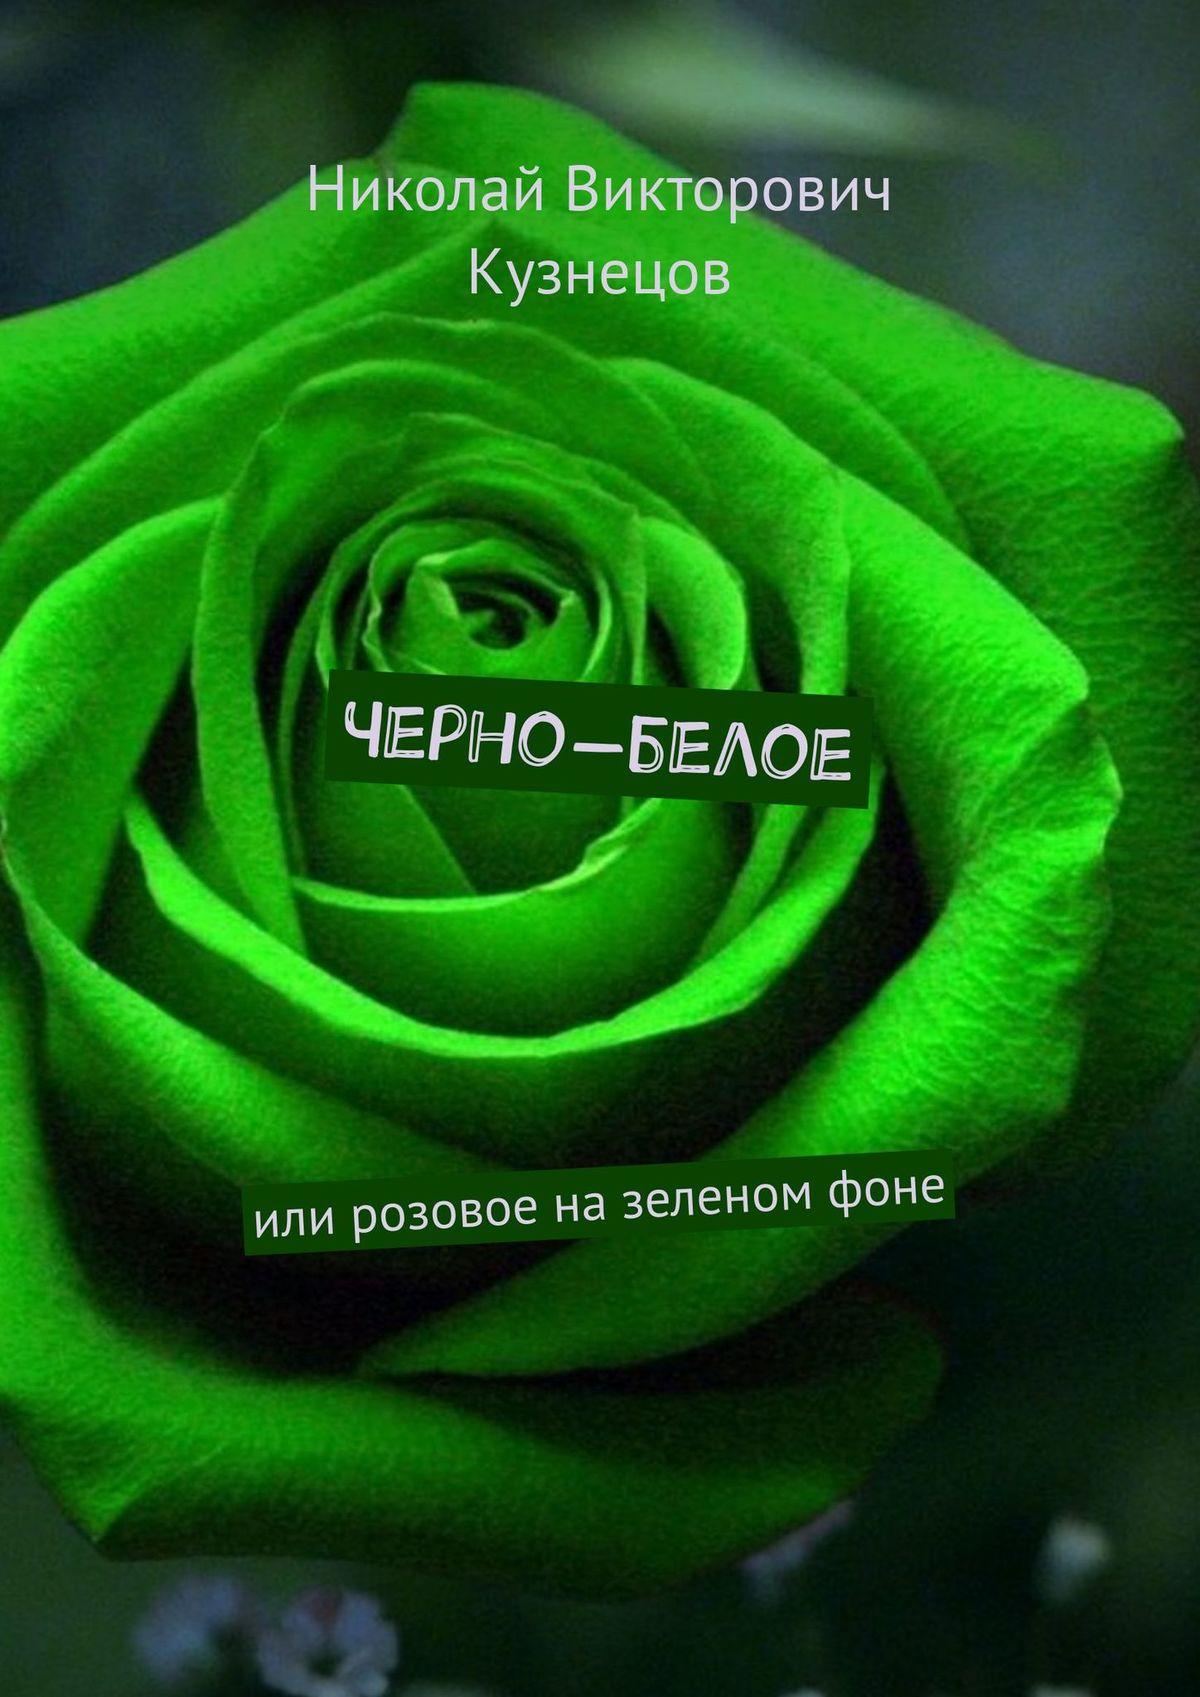 Николай Викторович Кузнецов Черно-белое. Или розовое на зеленом фоне